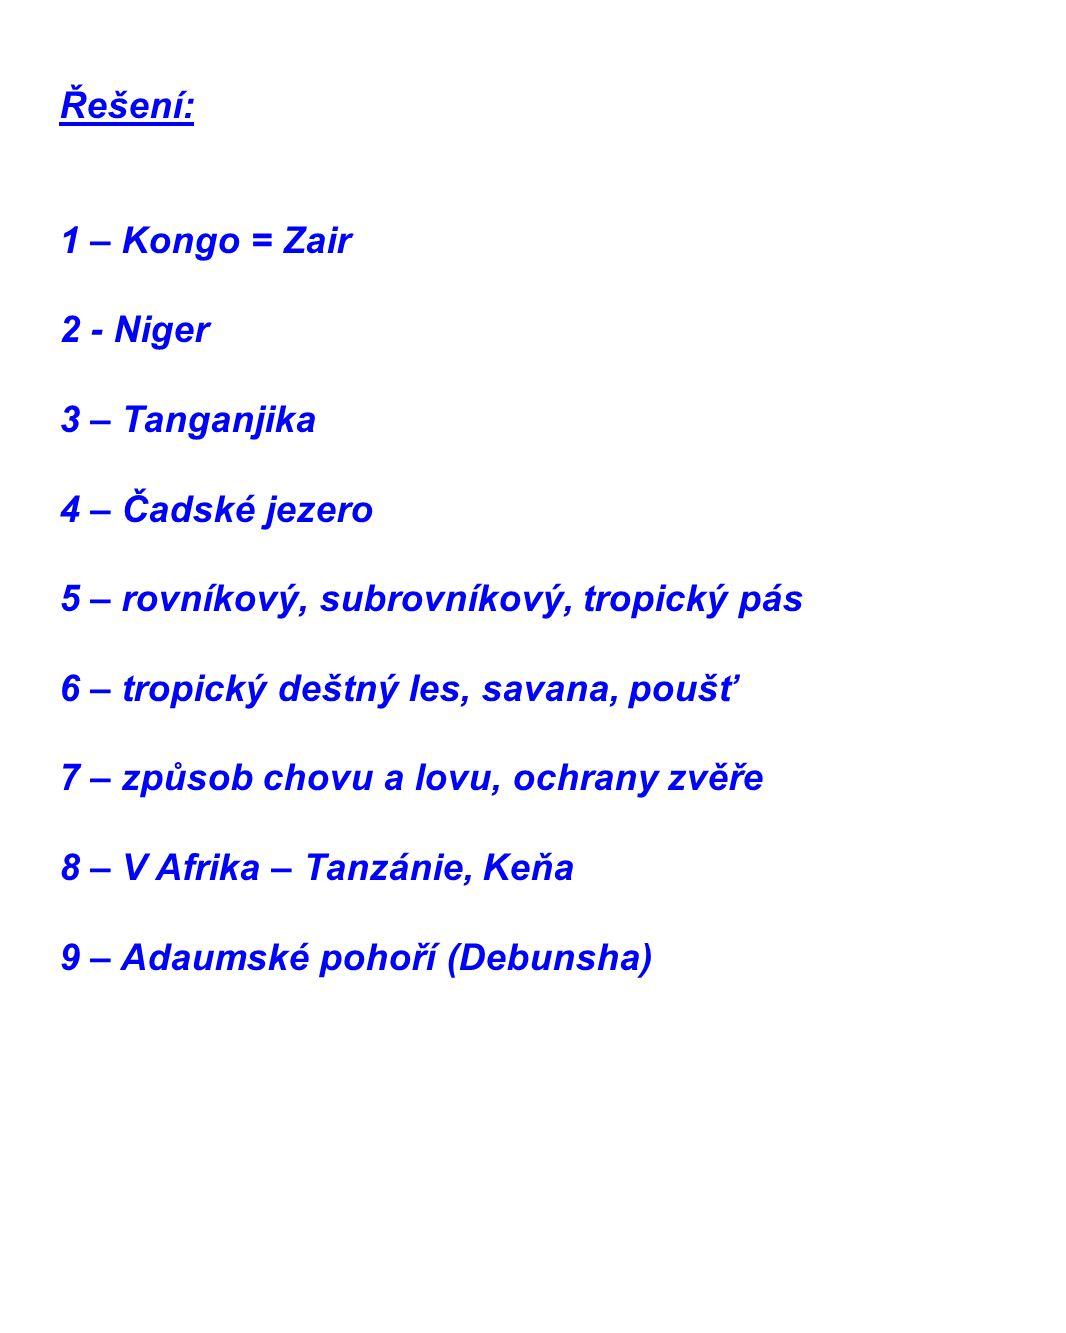 Řešení: 1 – Kongo = Zair 2 - Niger 3 – Tanganjika 4 – Čadské jezero 5 – rovníkový, subrovníkový, tropický pás 6 – tropický deštný les, savana, poušť 7